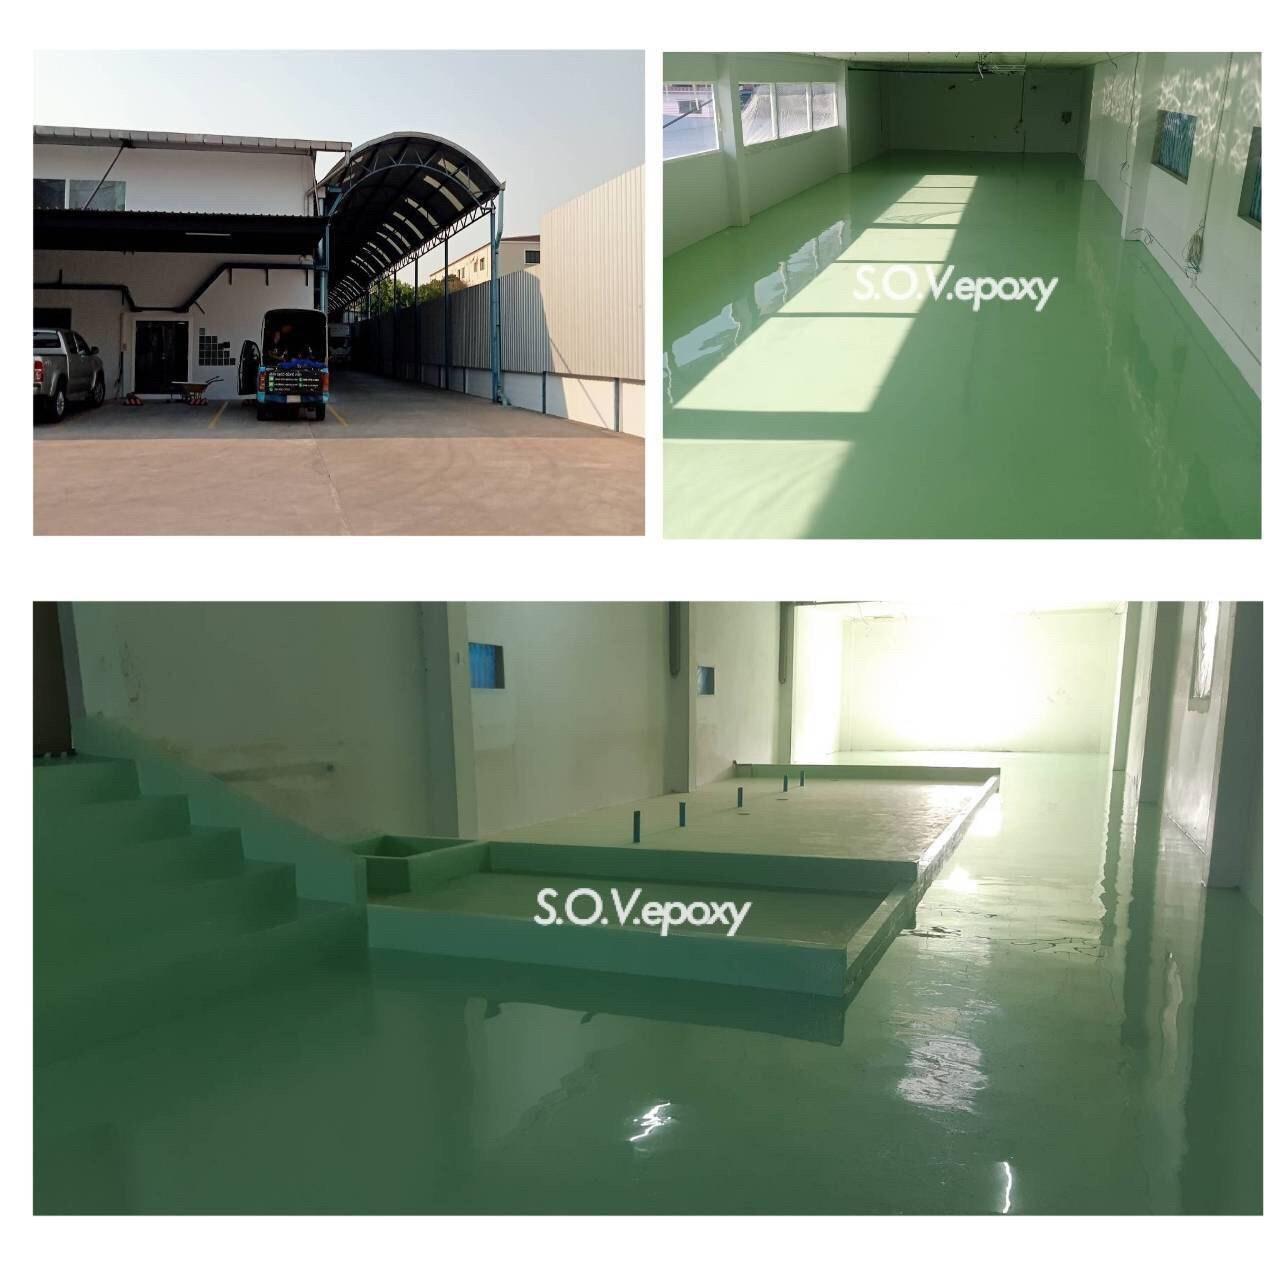 SOV Epoxy บริการงานพื้นอีพ็อกซี่ พื้นพียู พื้นโรงงาน พื้นสนามกีฬา กันซึมดาดฟ้า 7